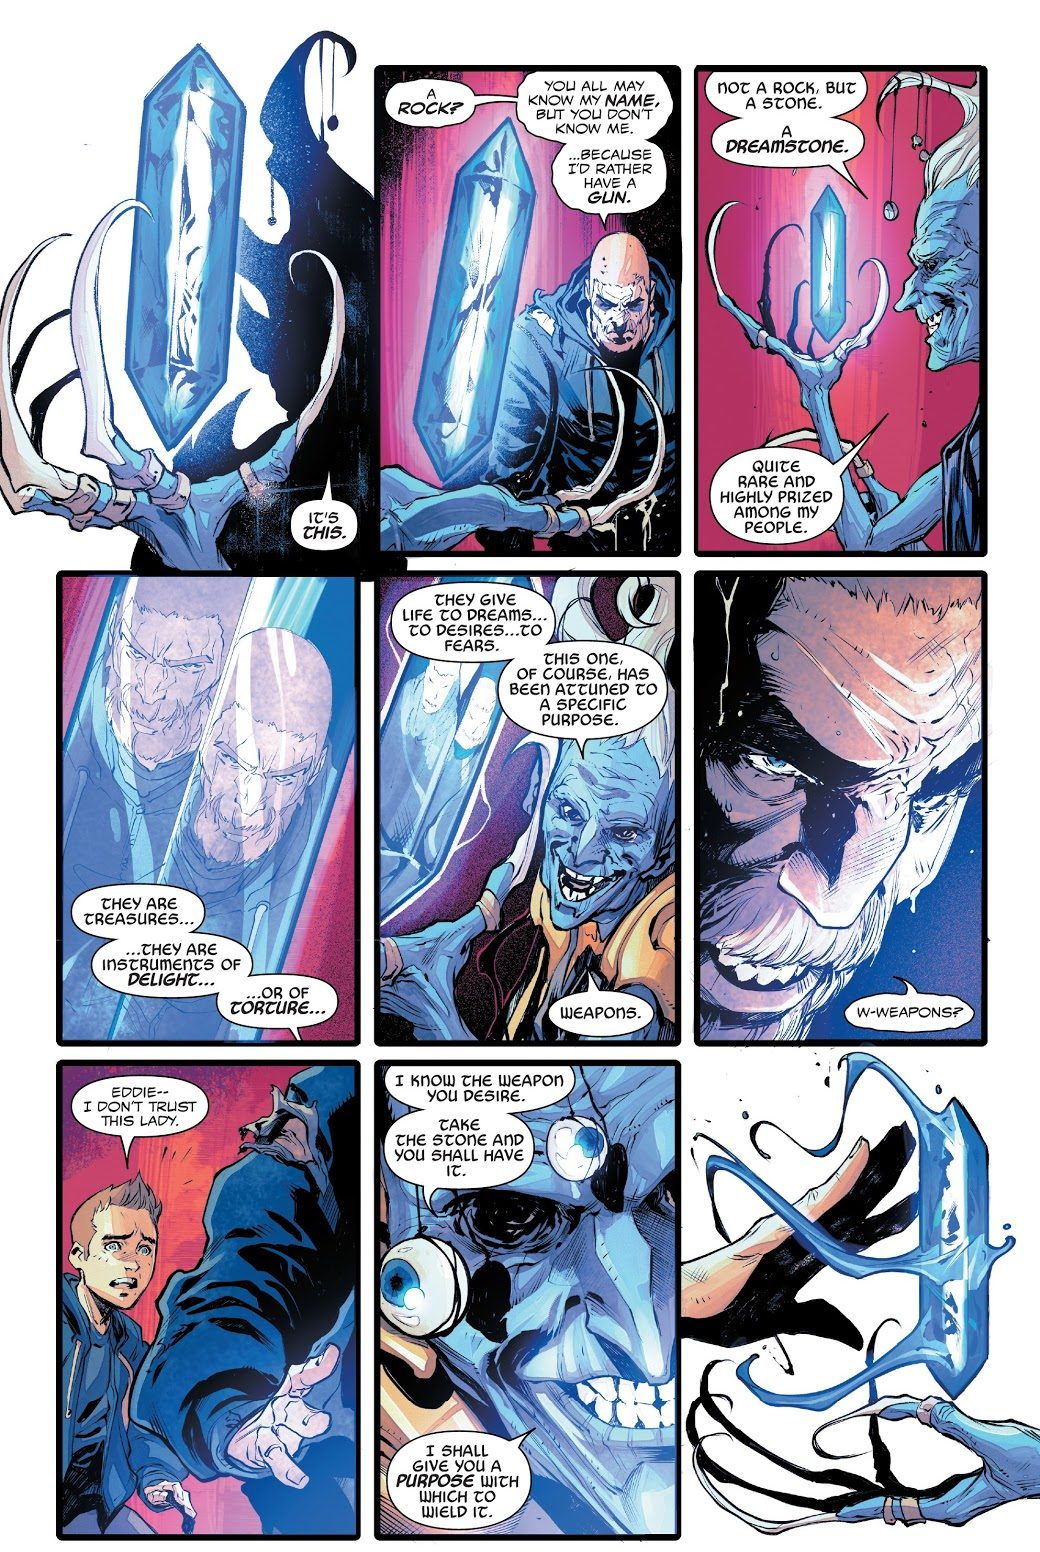 Venom-With-Dreamstone-Symbiote